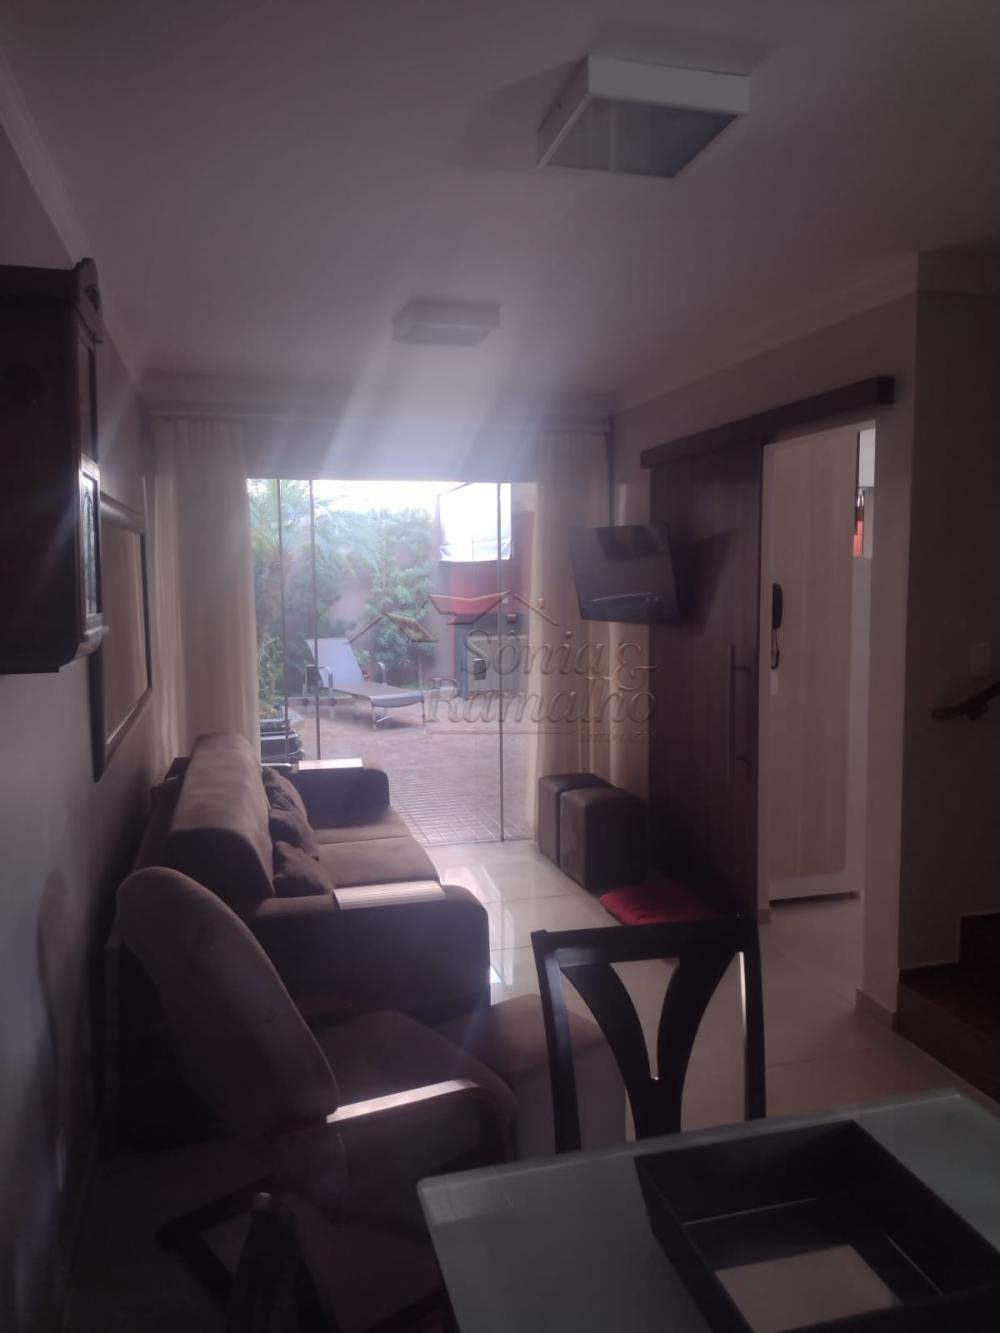 Comprar Casas / Condomínio em Ribeirão Preto R$ 640.000,00 - Foto 37